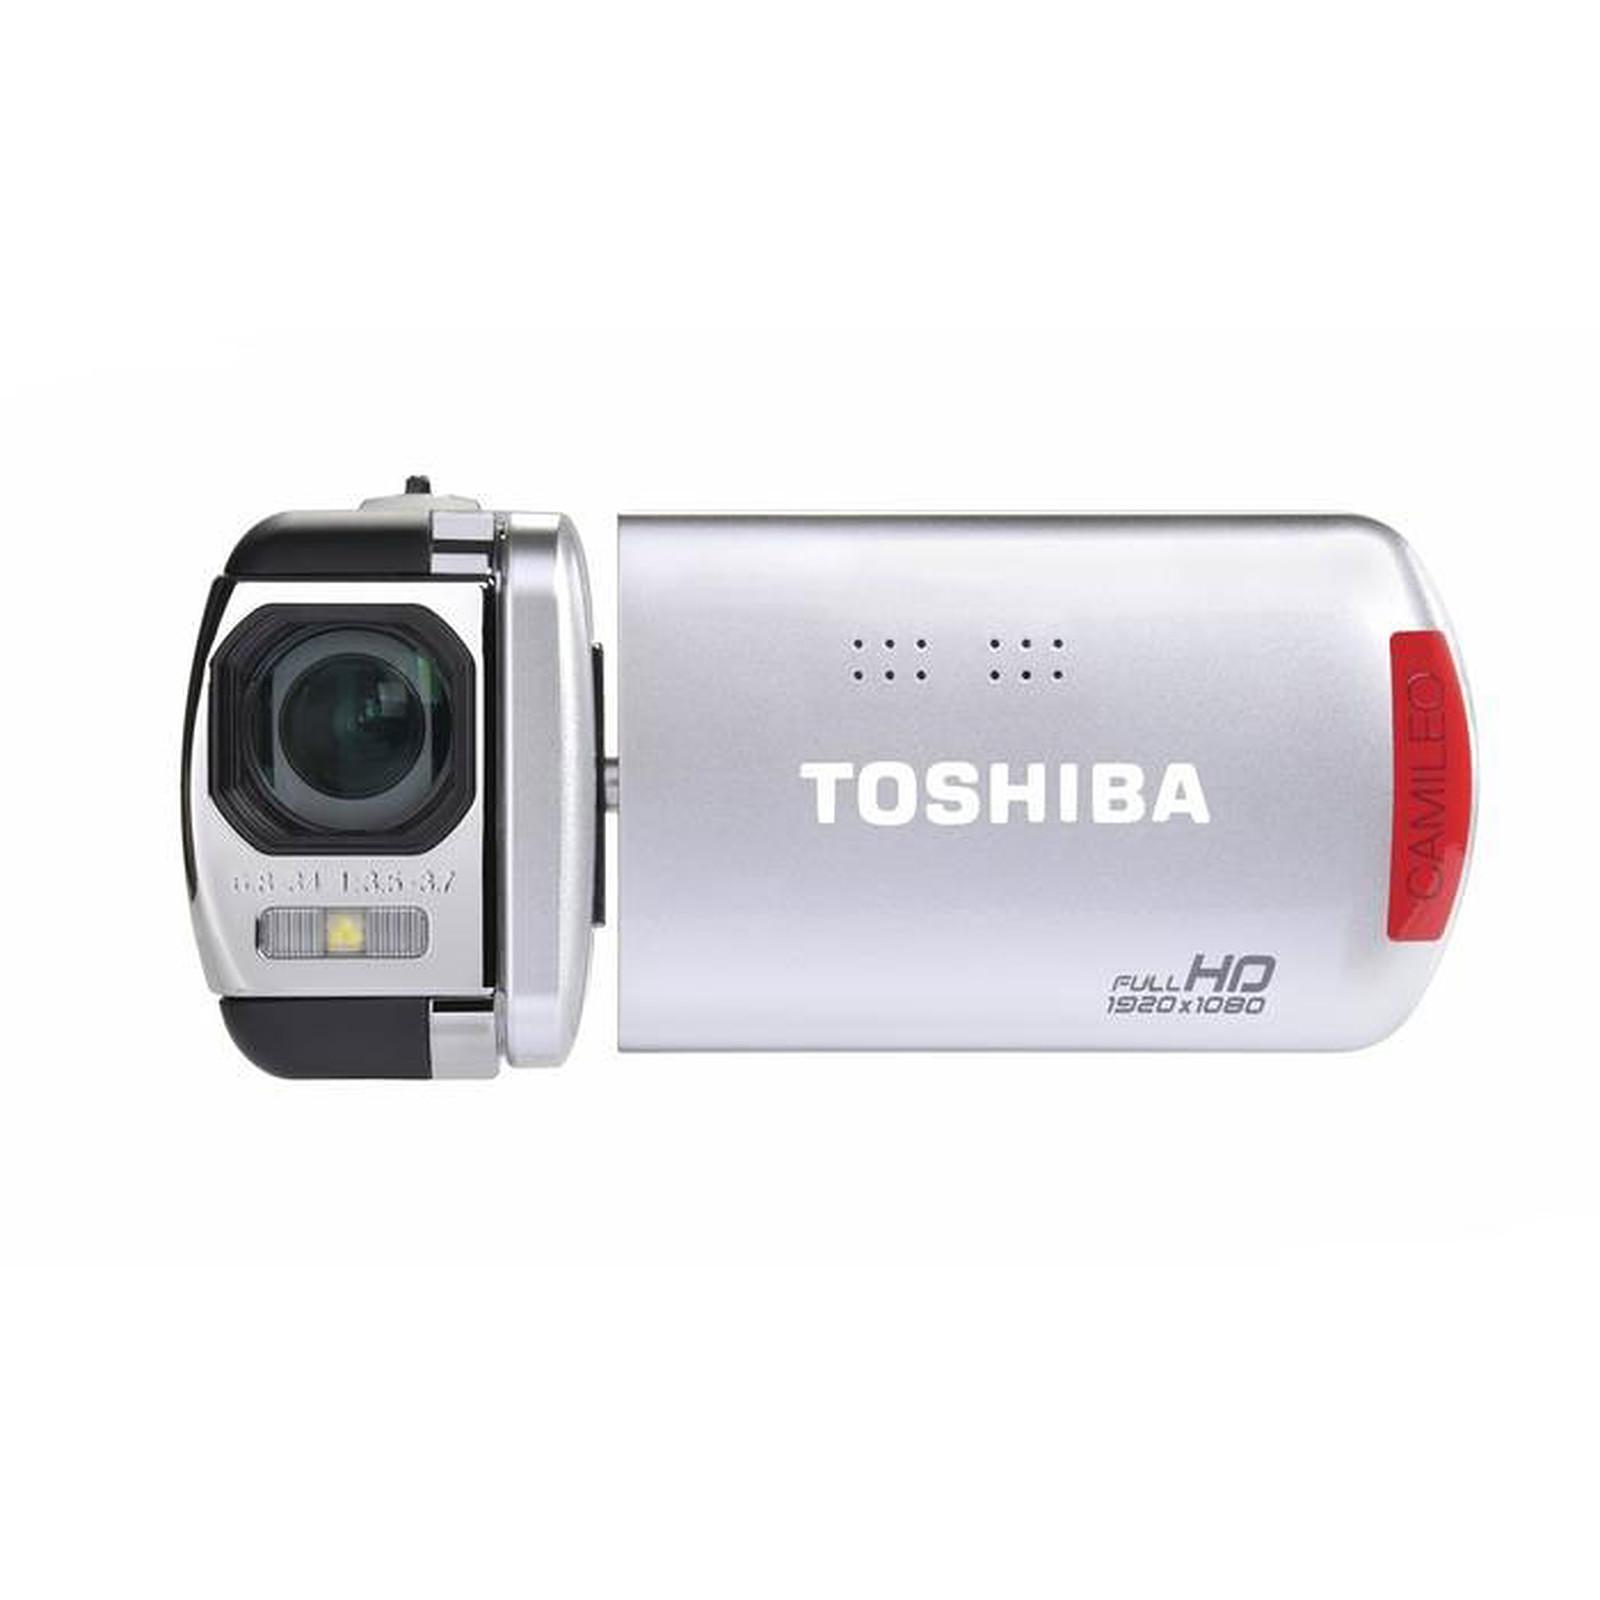 Toshiba Camileo SX500 Argent + Carte SD 4 Go